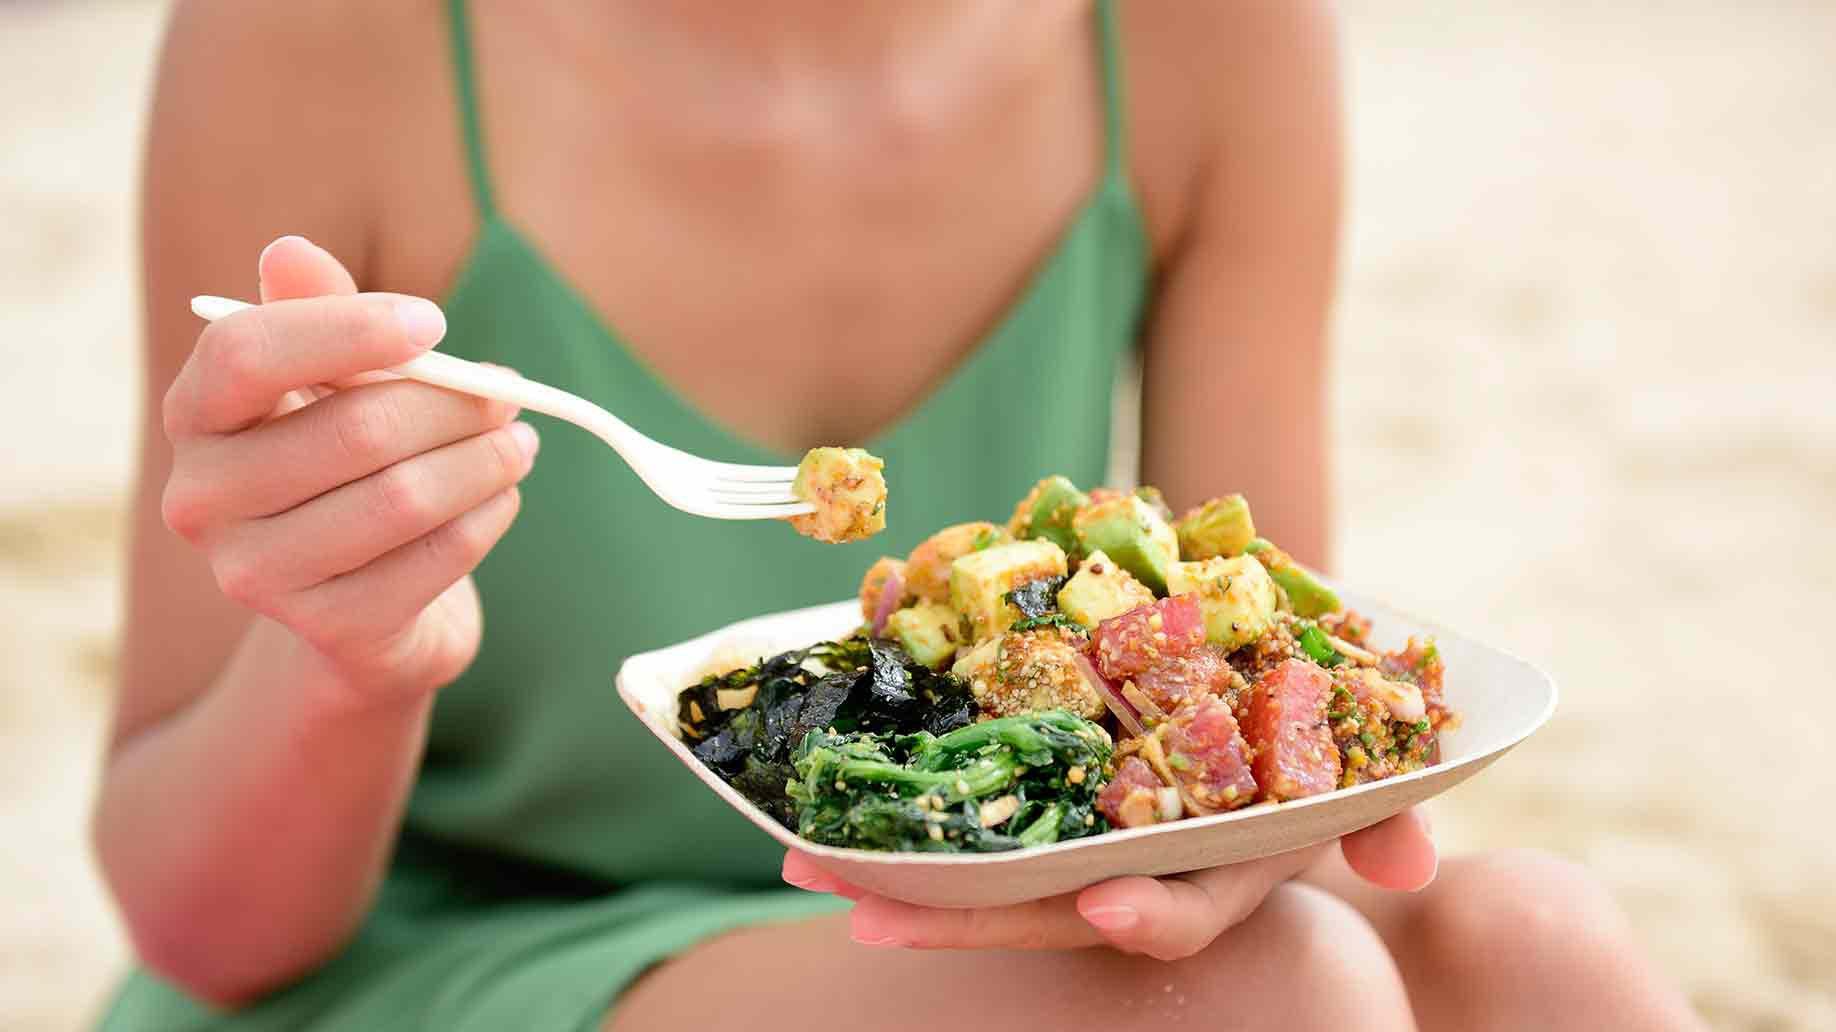 Chế độ ăn uống không đảm bảo chất dinh dưỡng khiến kinh nguyệt không đều